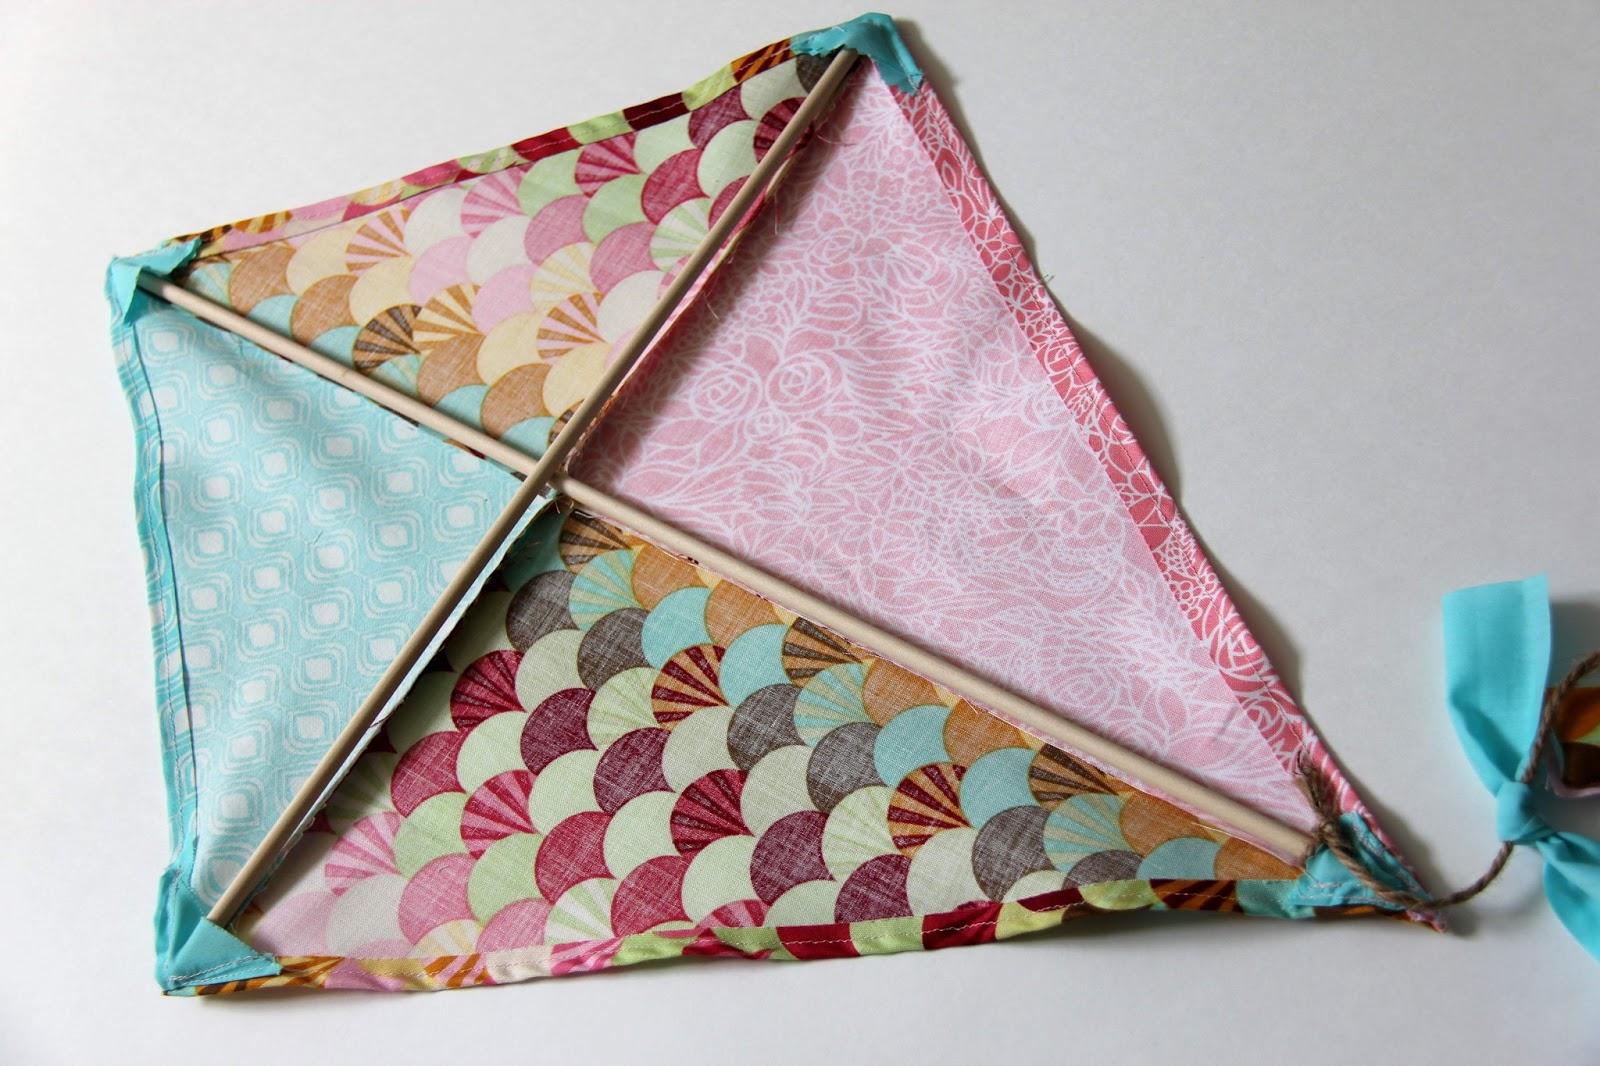 Pepper Picnic Decorative Fabric Kite